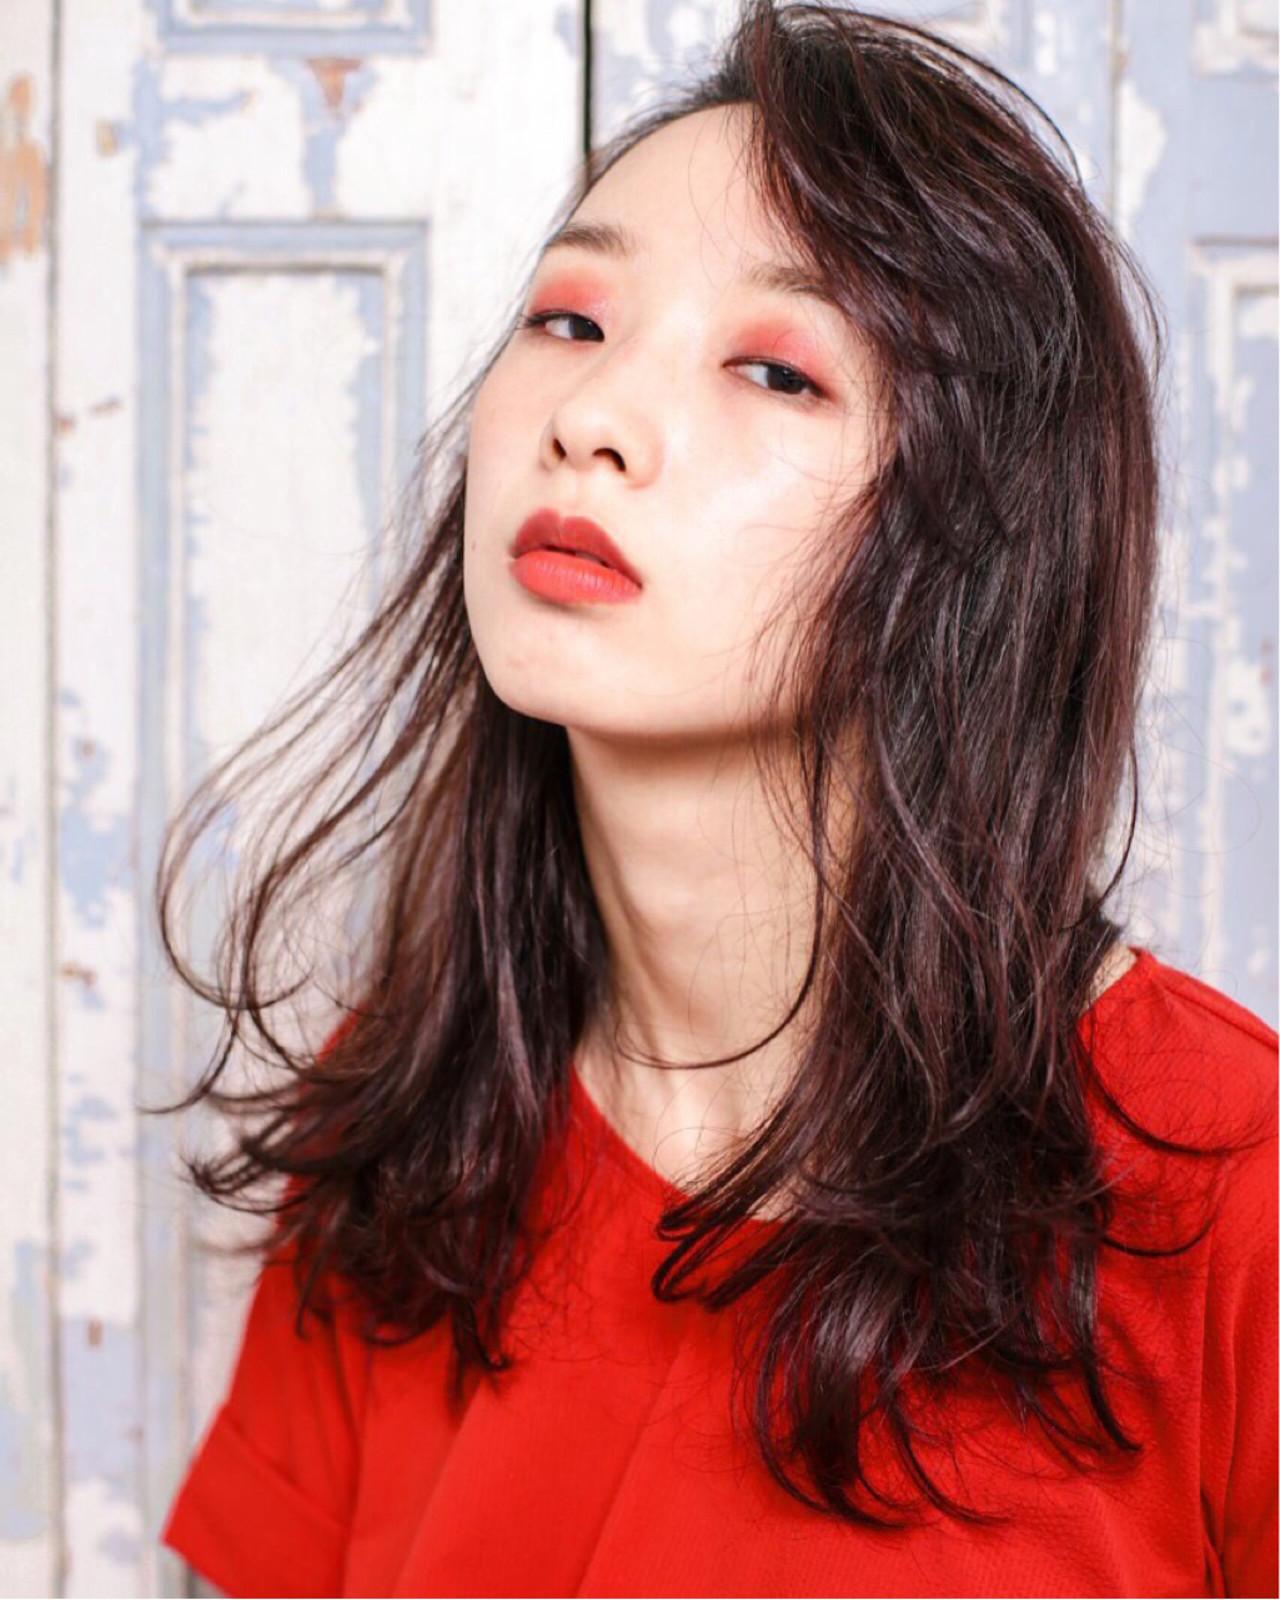 セミロング パーマ 外国人風 黒髪 ヘアスタイルや髪型の写真・画像